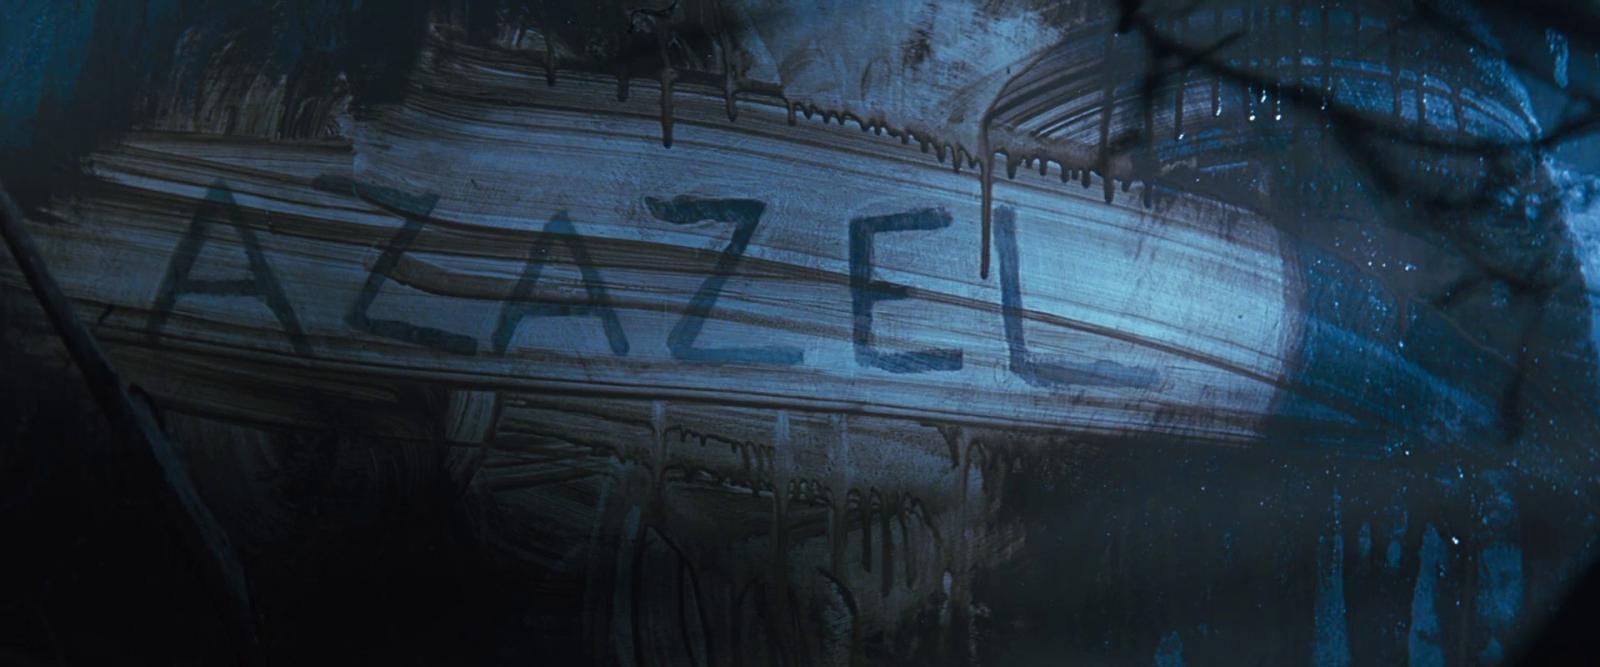 مشاهدة فيلم Fallen 1998 HD مترجم كامل اون لاين